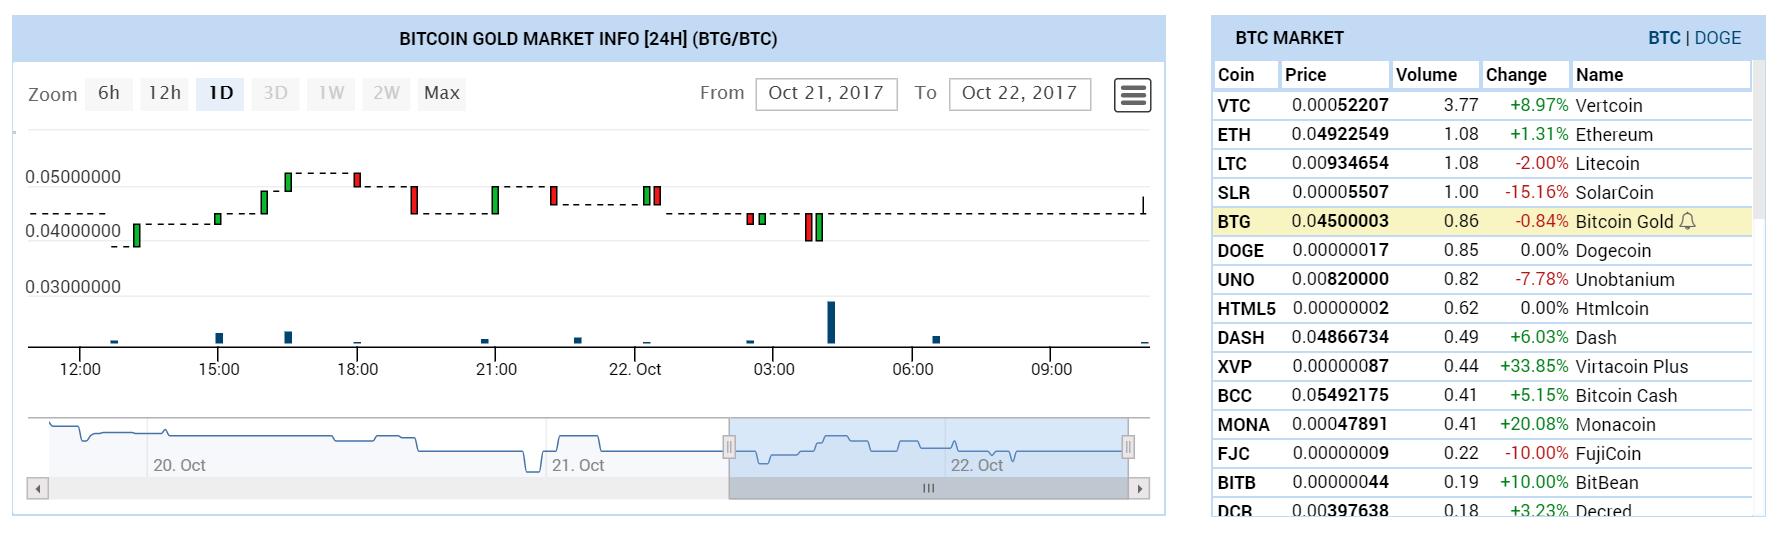 ビットコインゴールドチャート2